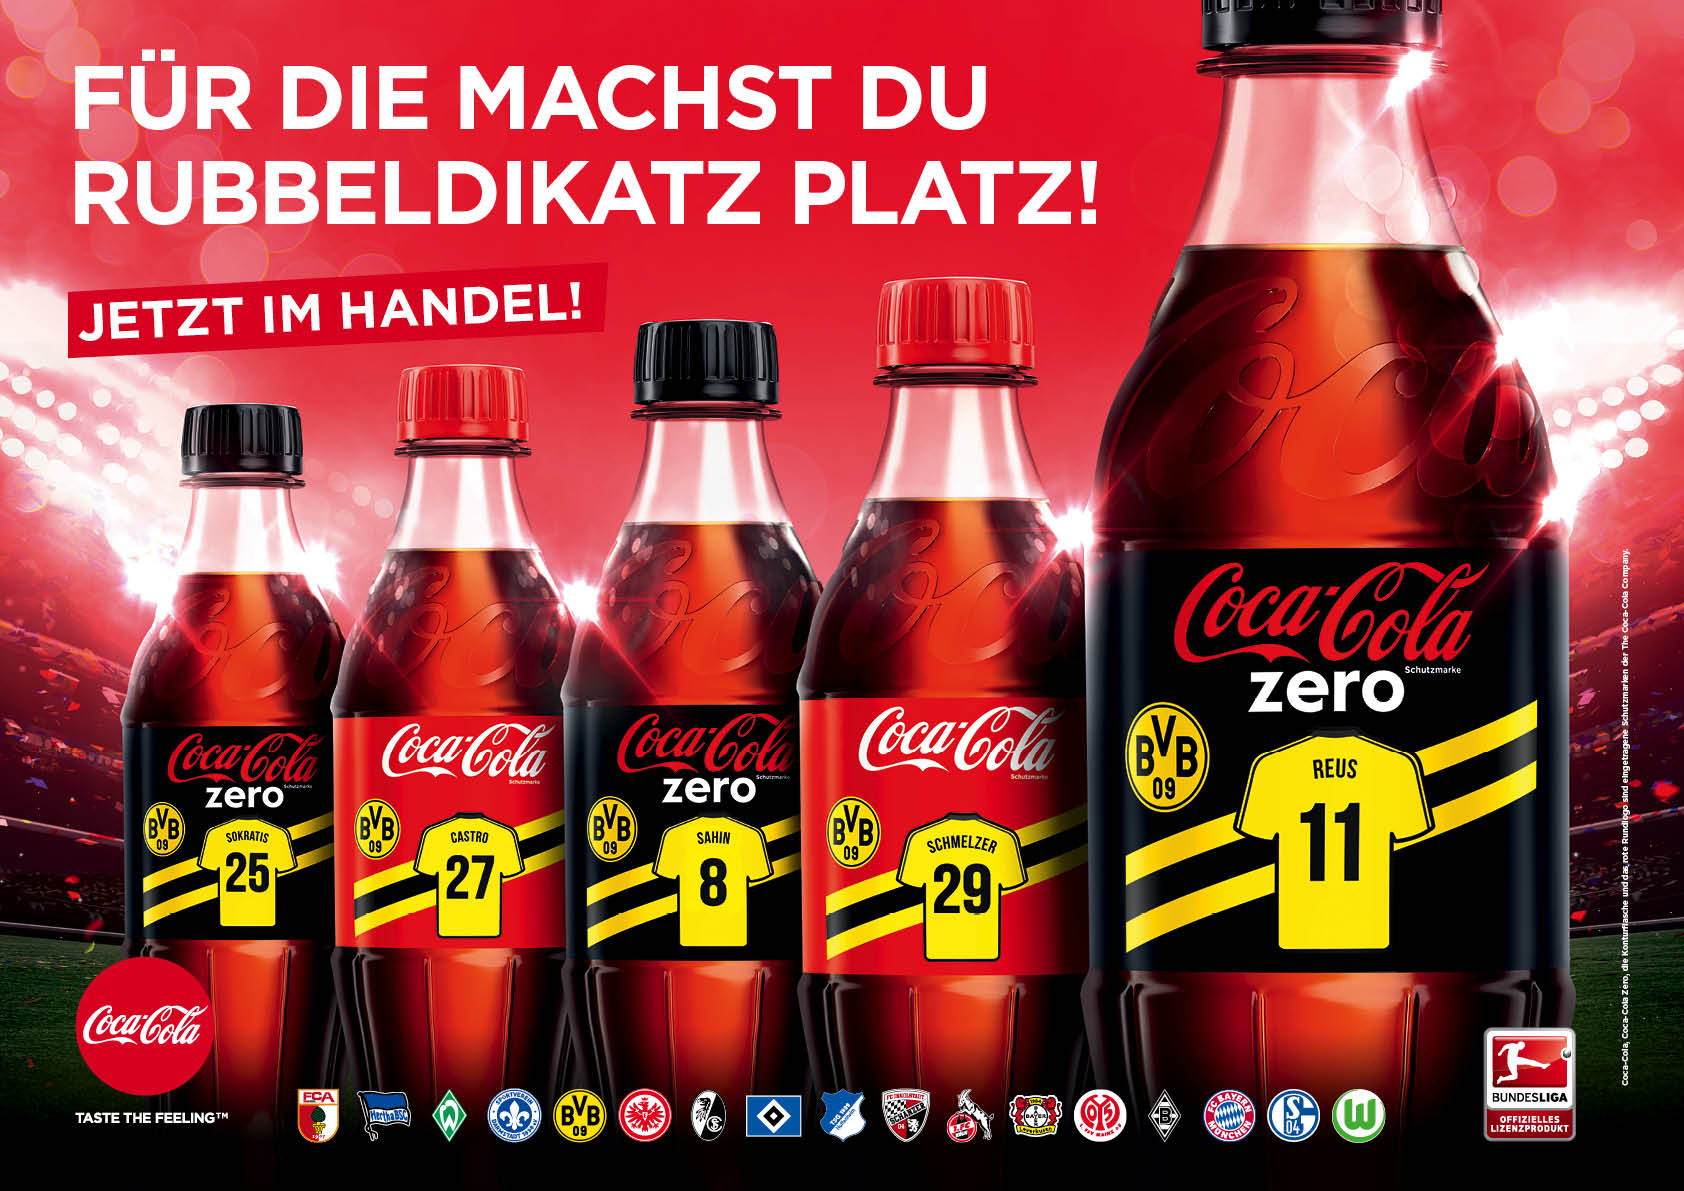 OOH Motiv_Bundesliga_Regional_Dortmund